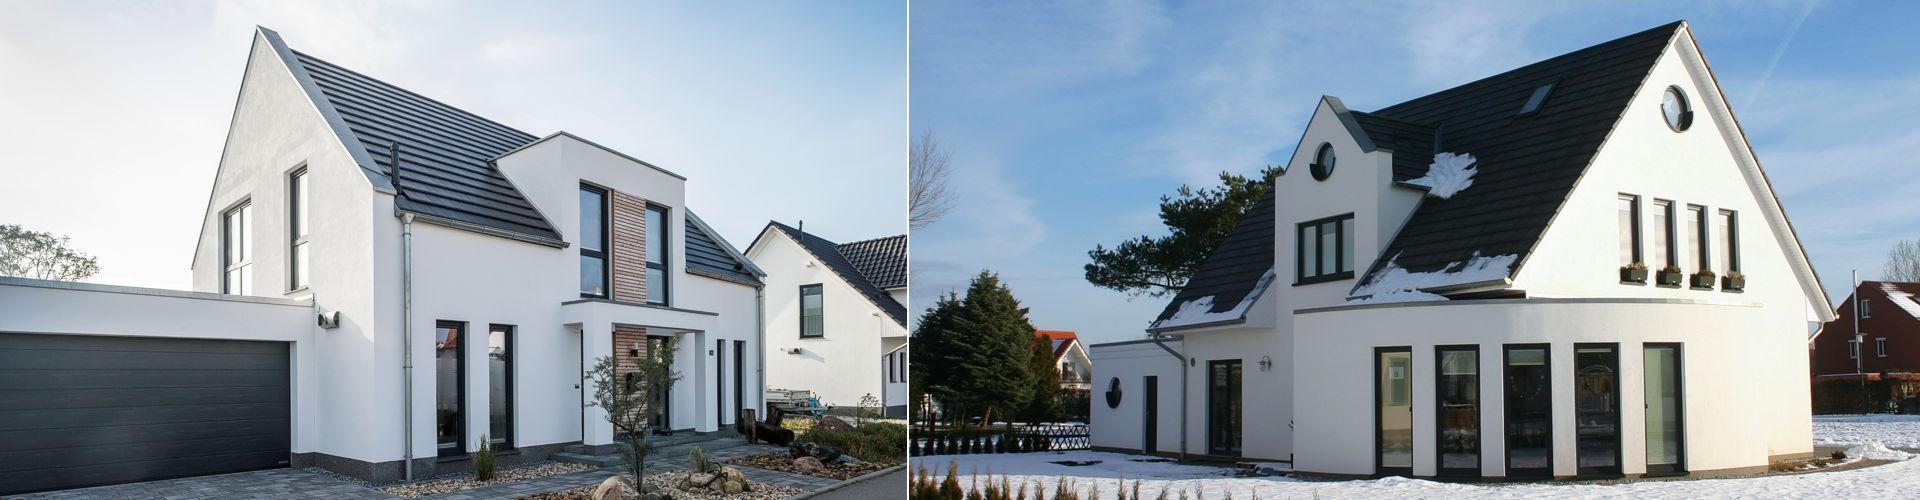 Zeitlos, modern und symmetriebetont präsentieren sich diese Entwürfe wenn Sie ein Einfamilienhaus in Düsseldorf bauen möchten.